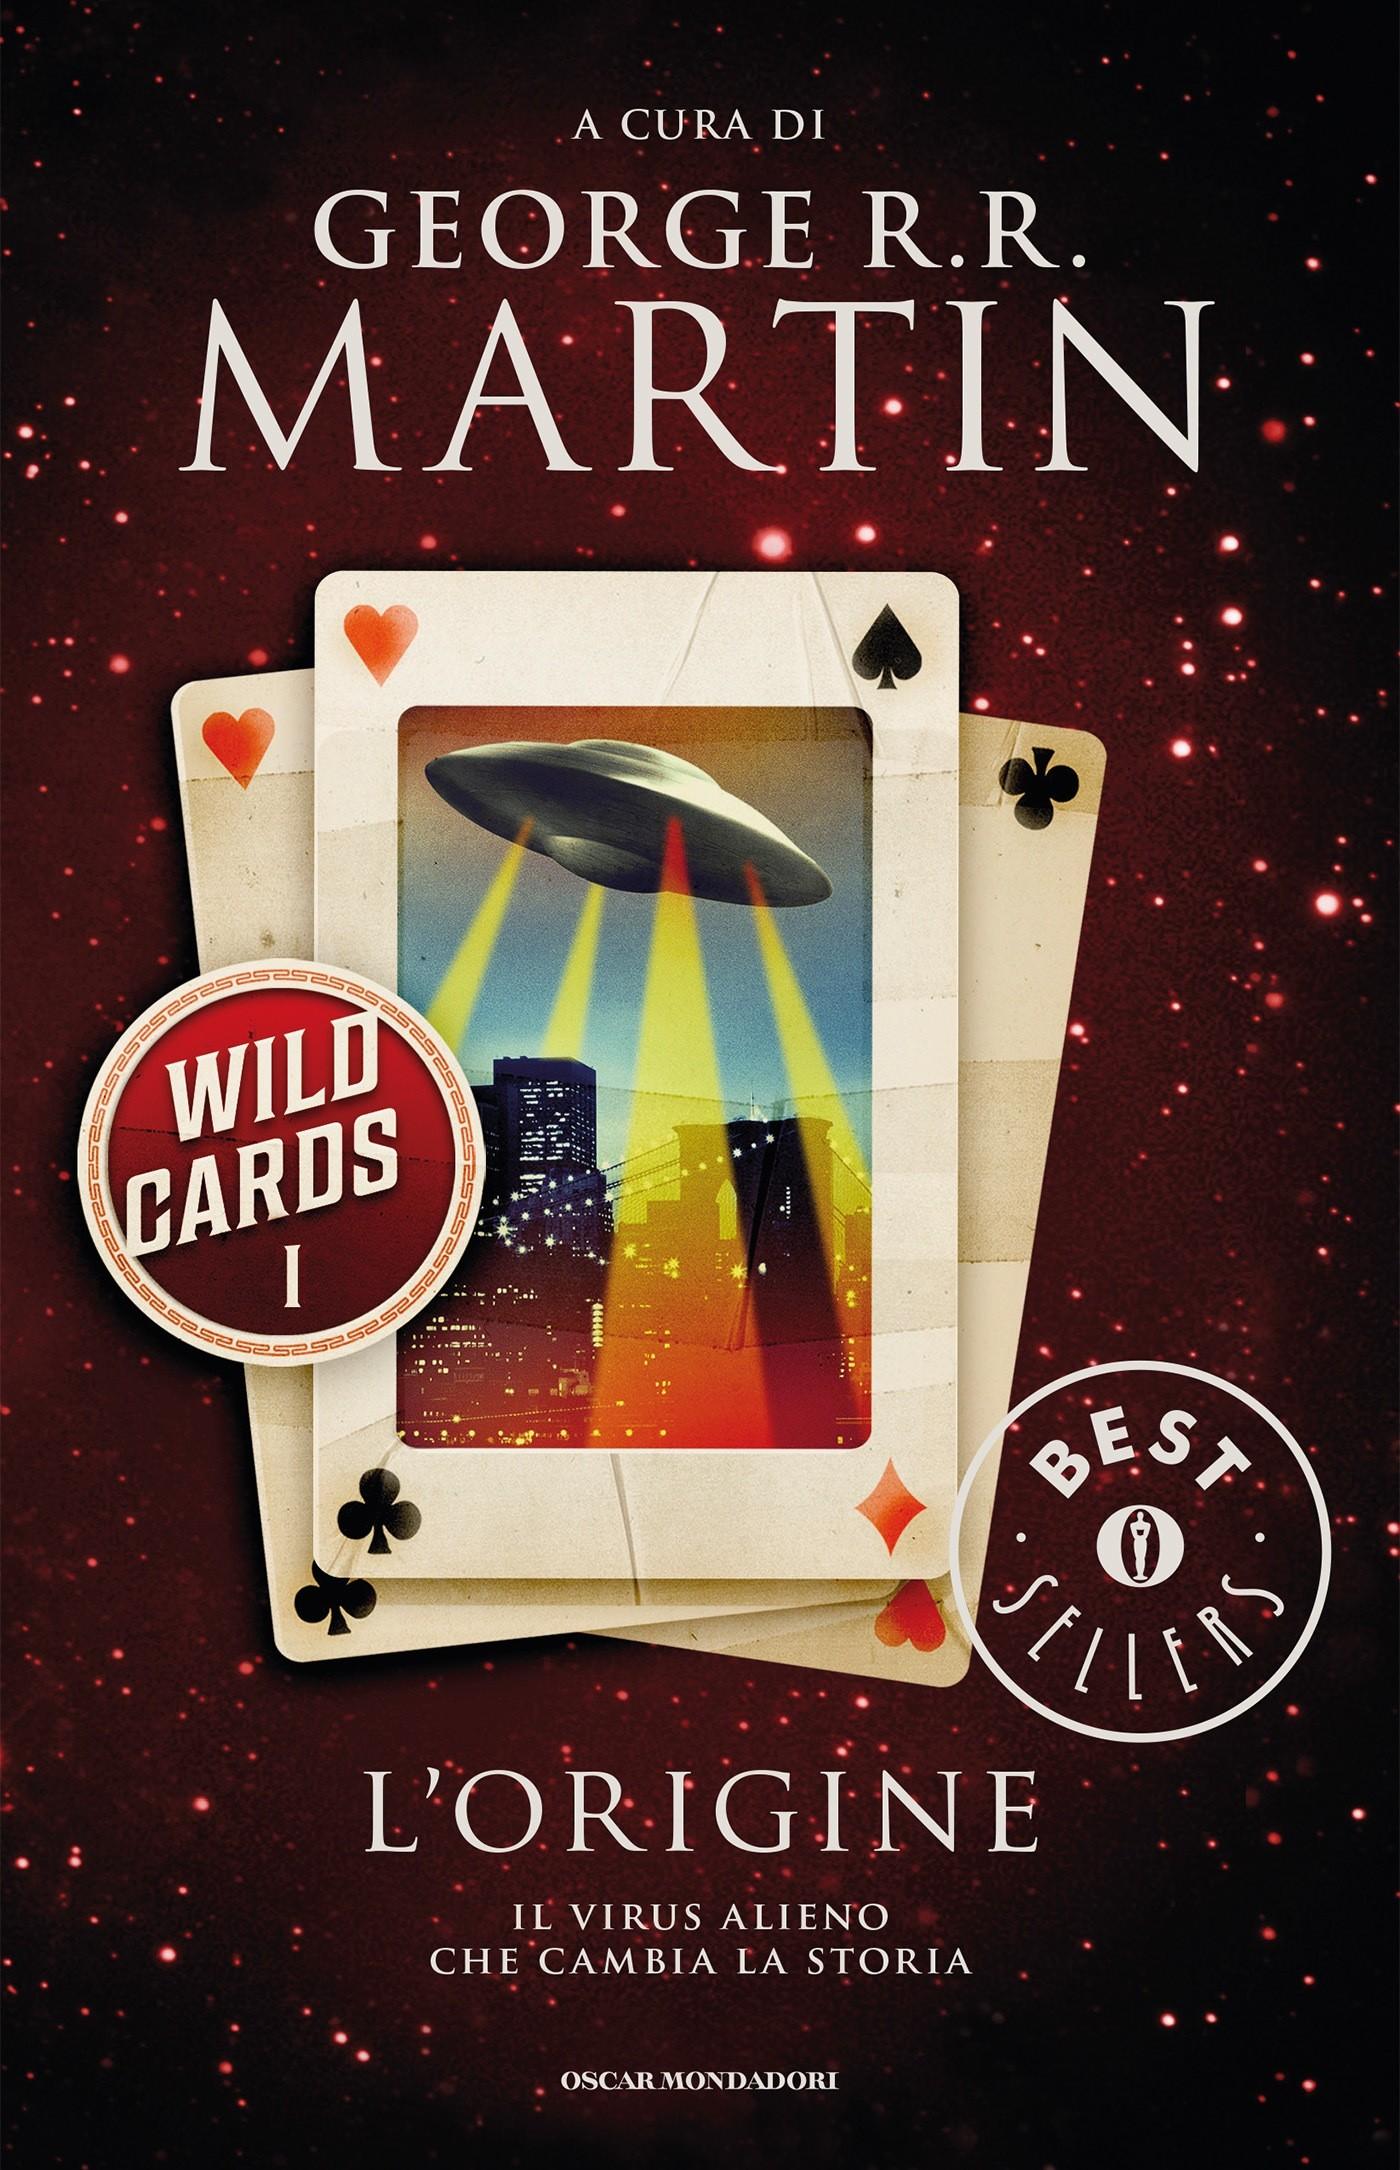 Gli ebook di george rr martin ebook bookrepublic wild cards 1 lorigine di george rr martin fandeluxe Gallery